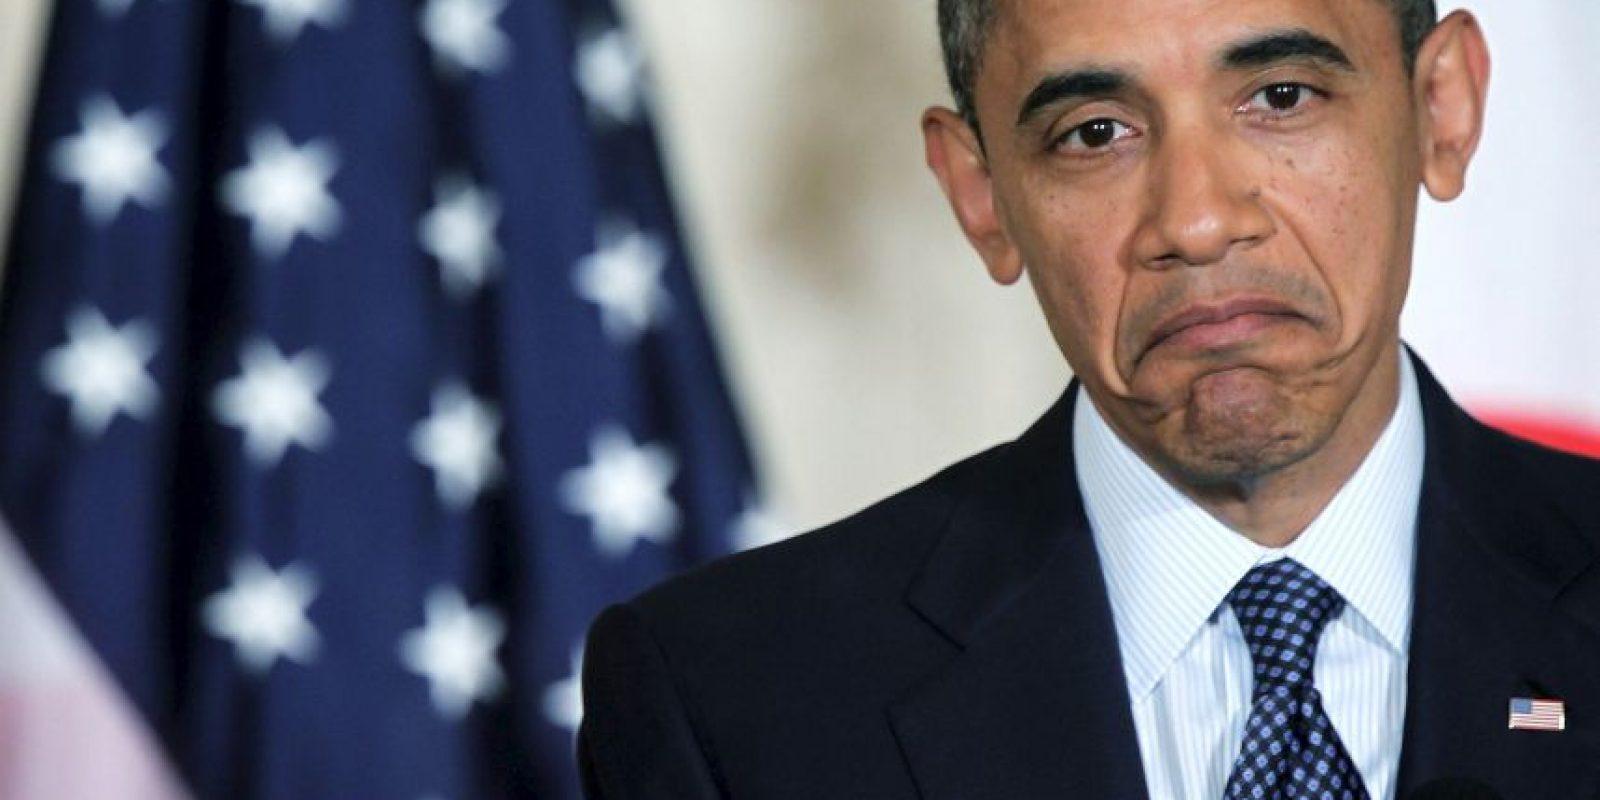 Asumió su primer mandato el 20 de enero de 2009. En 2013 inició su segundo periodo, el cual concluirá en 2017. Foto:Getty Images